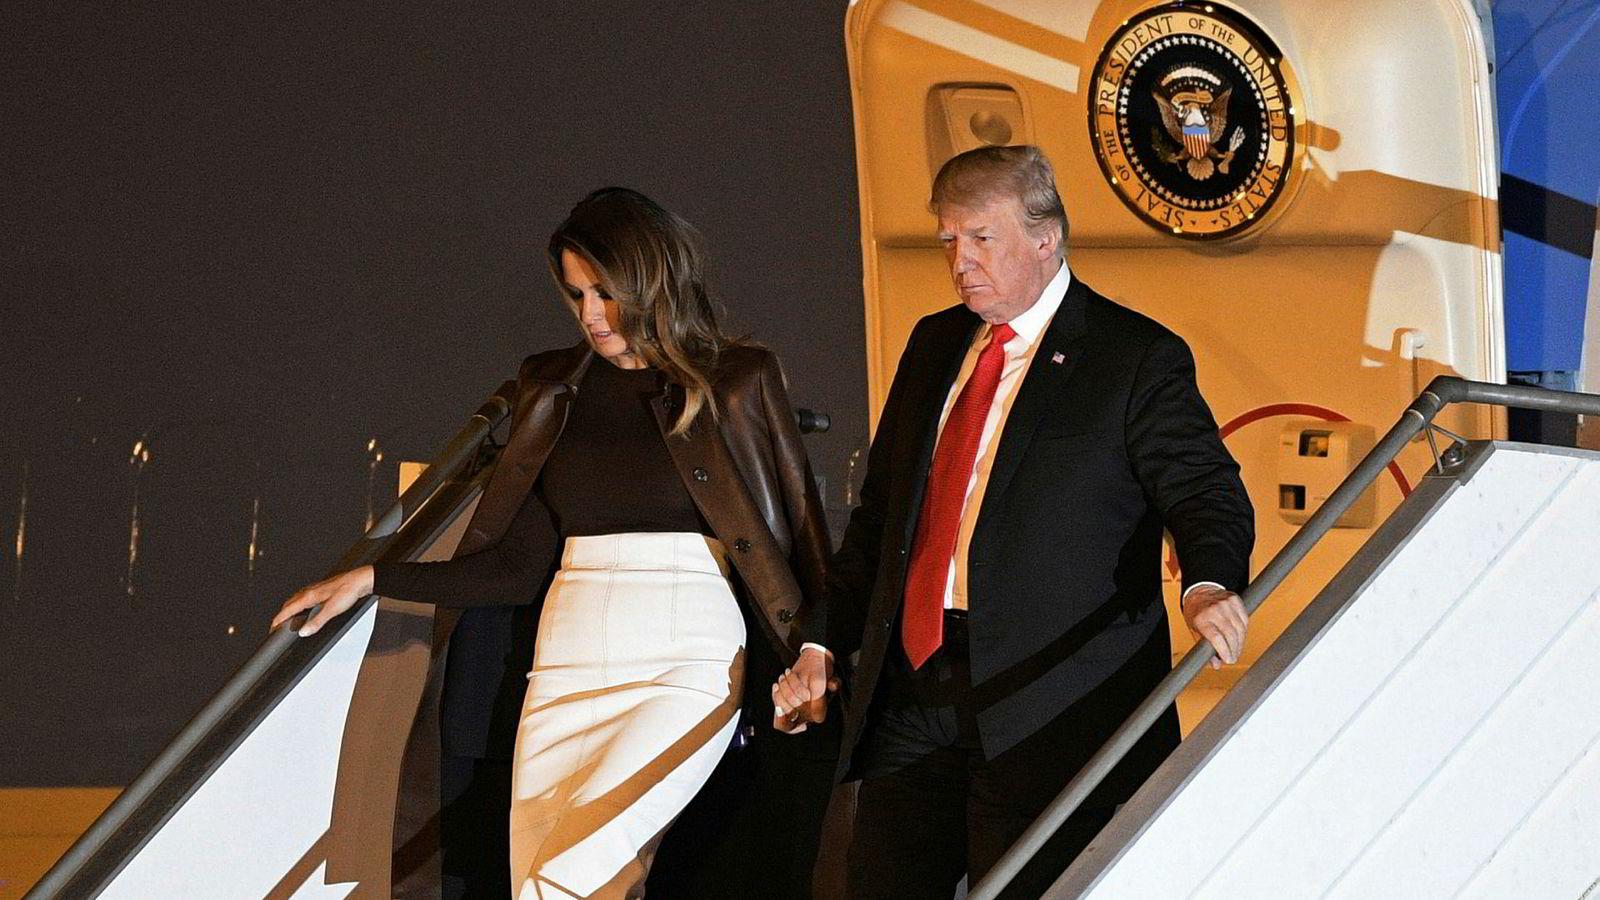 President Donald Trump, eller «Individual 1» ifølge rettsdokumentene i New York, ankommer Buenos Aires med førstedamen Melania Trump.